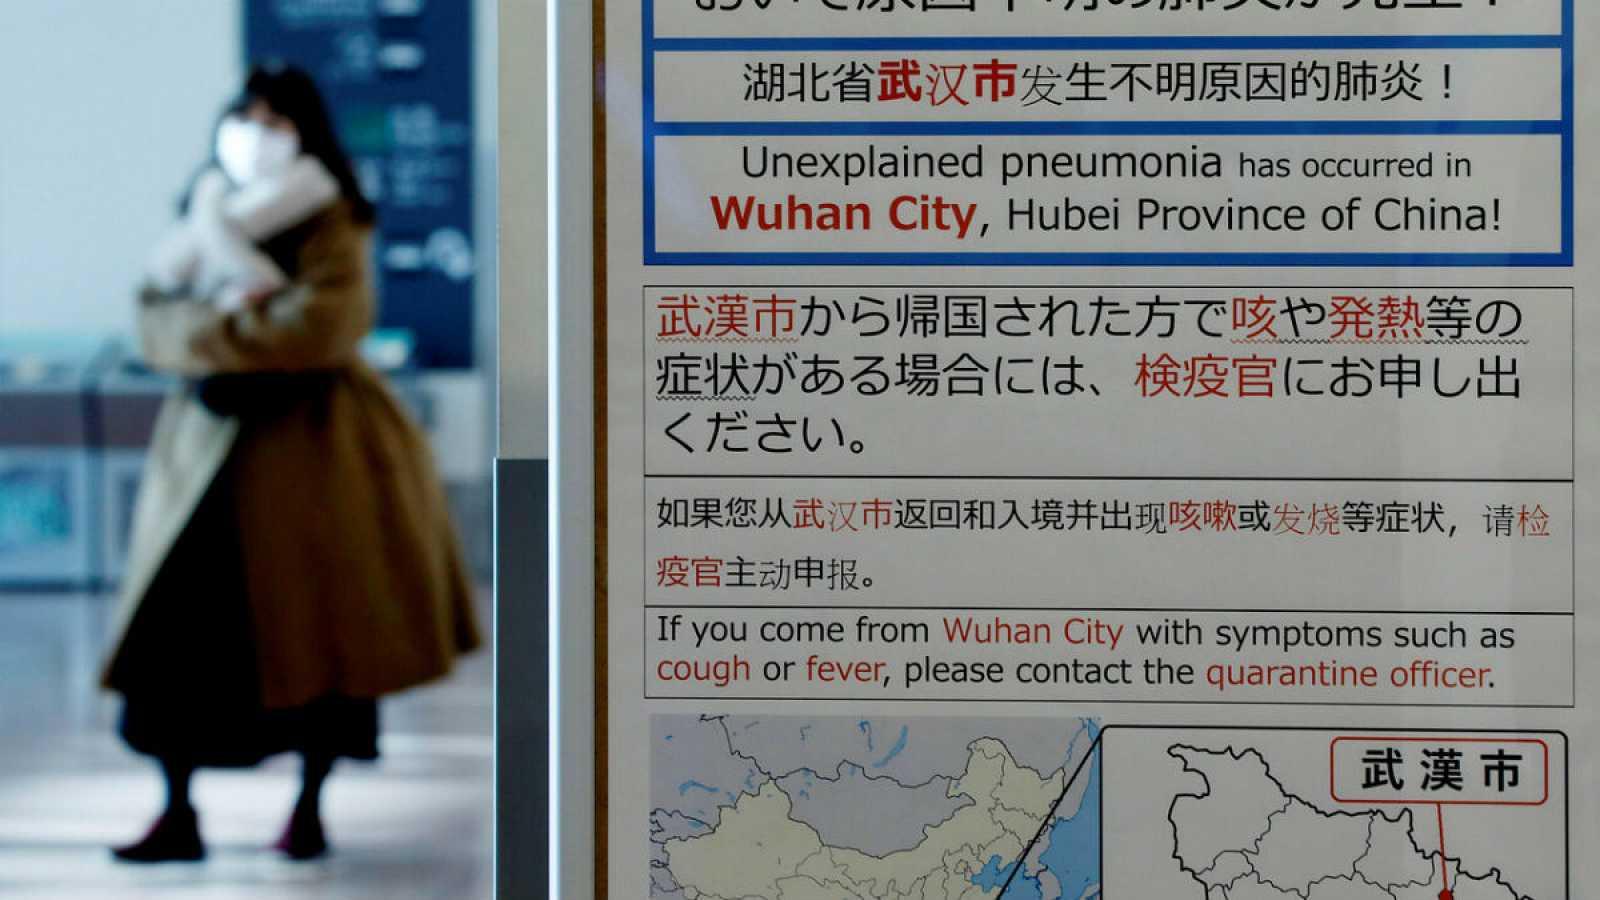 Una mujer camina con una máscara, dejando atrás un panel de información en el que se advierte del brote de coronavirus en China, en el aeropuerto Haneda, en Tokio.